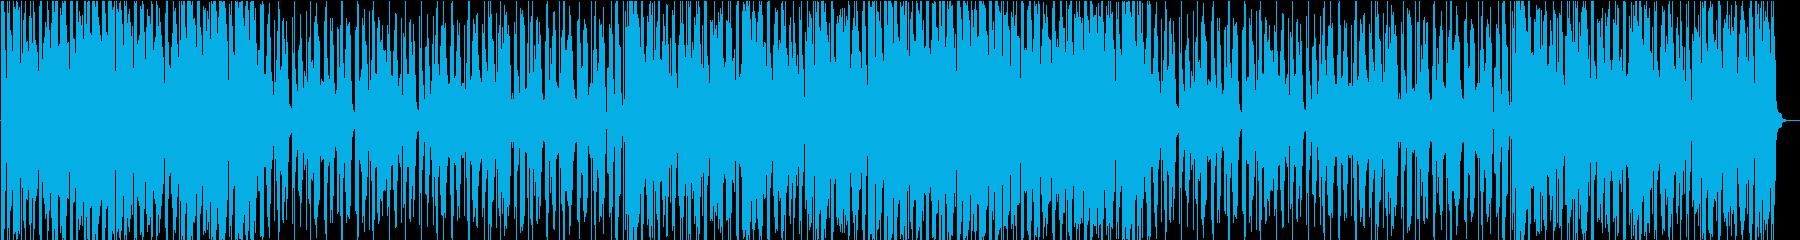 優しく包まれるようなR&B風BGMの再生済みの波形